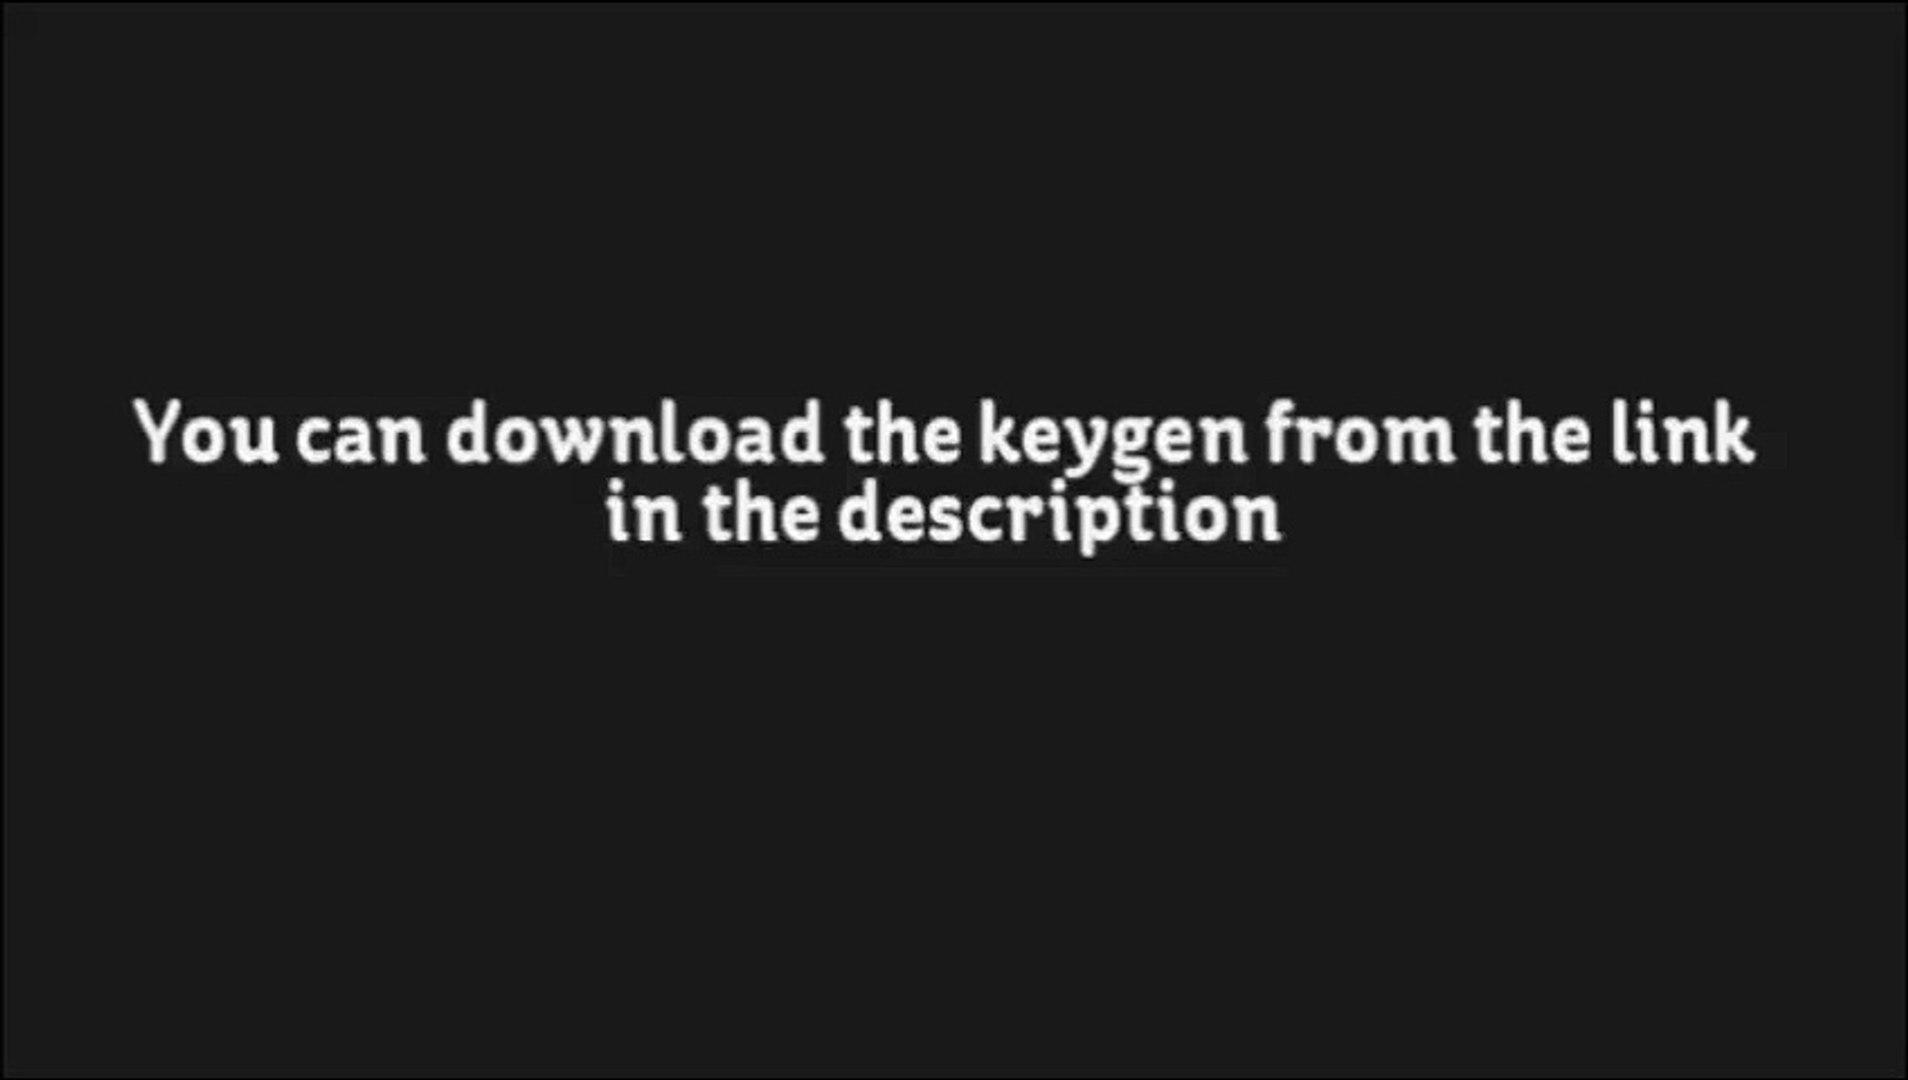 avs video editor 8.0.3.303 keygen